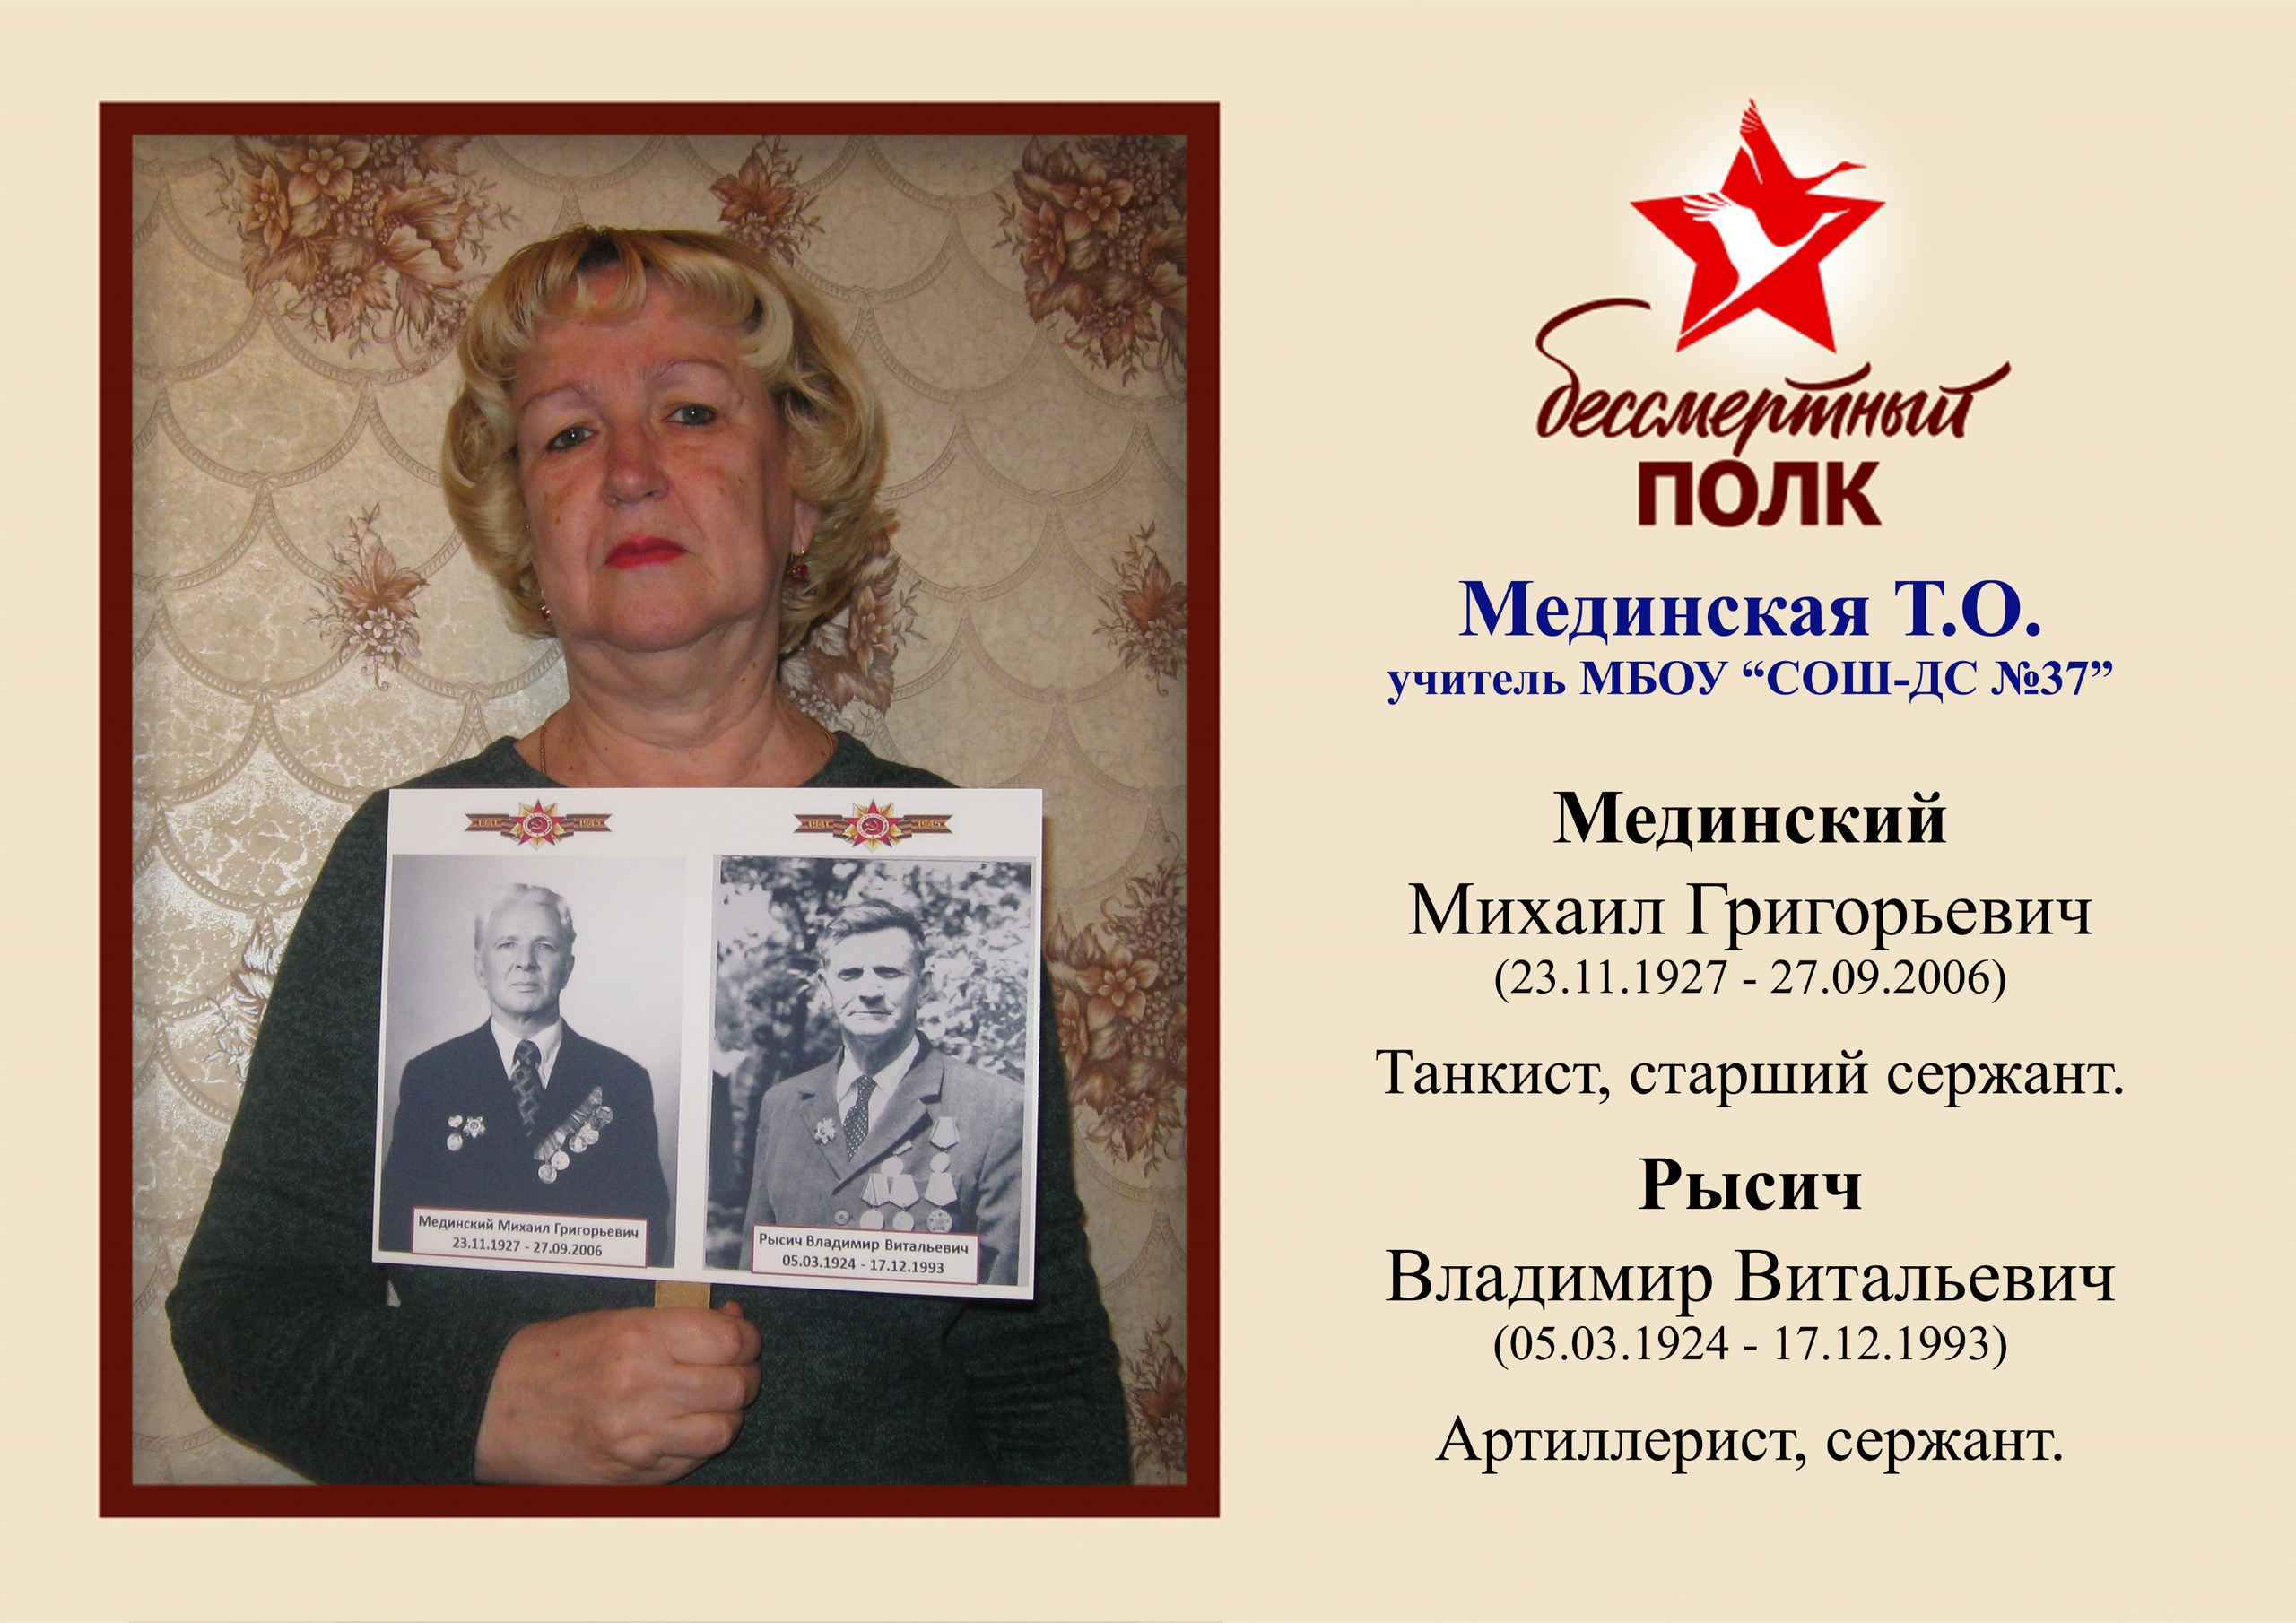 Мединская Татьяна